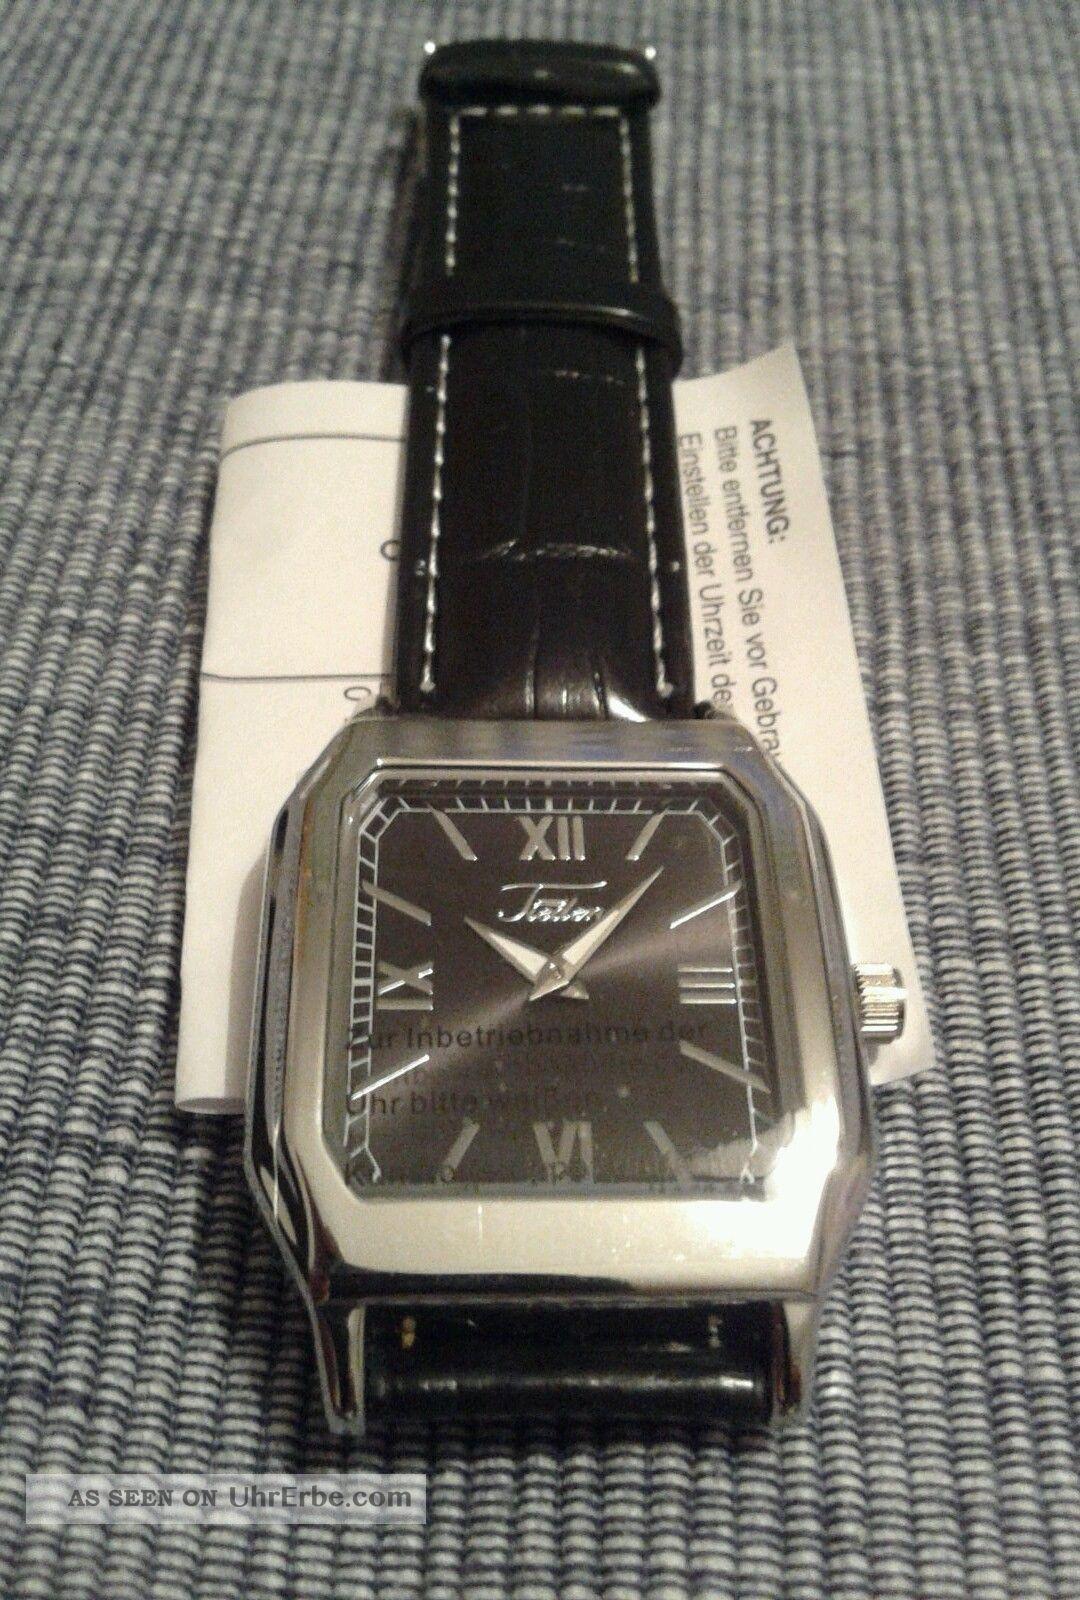 Von TiedenSchwarzes Armband Neue Schöne Armbanduhr Damen 3j5ALqc4R